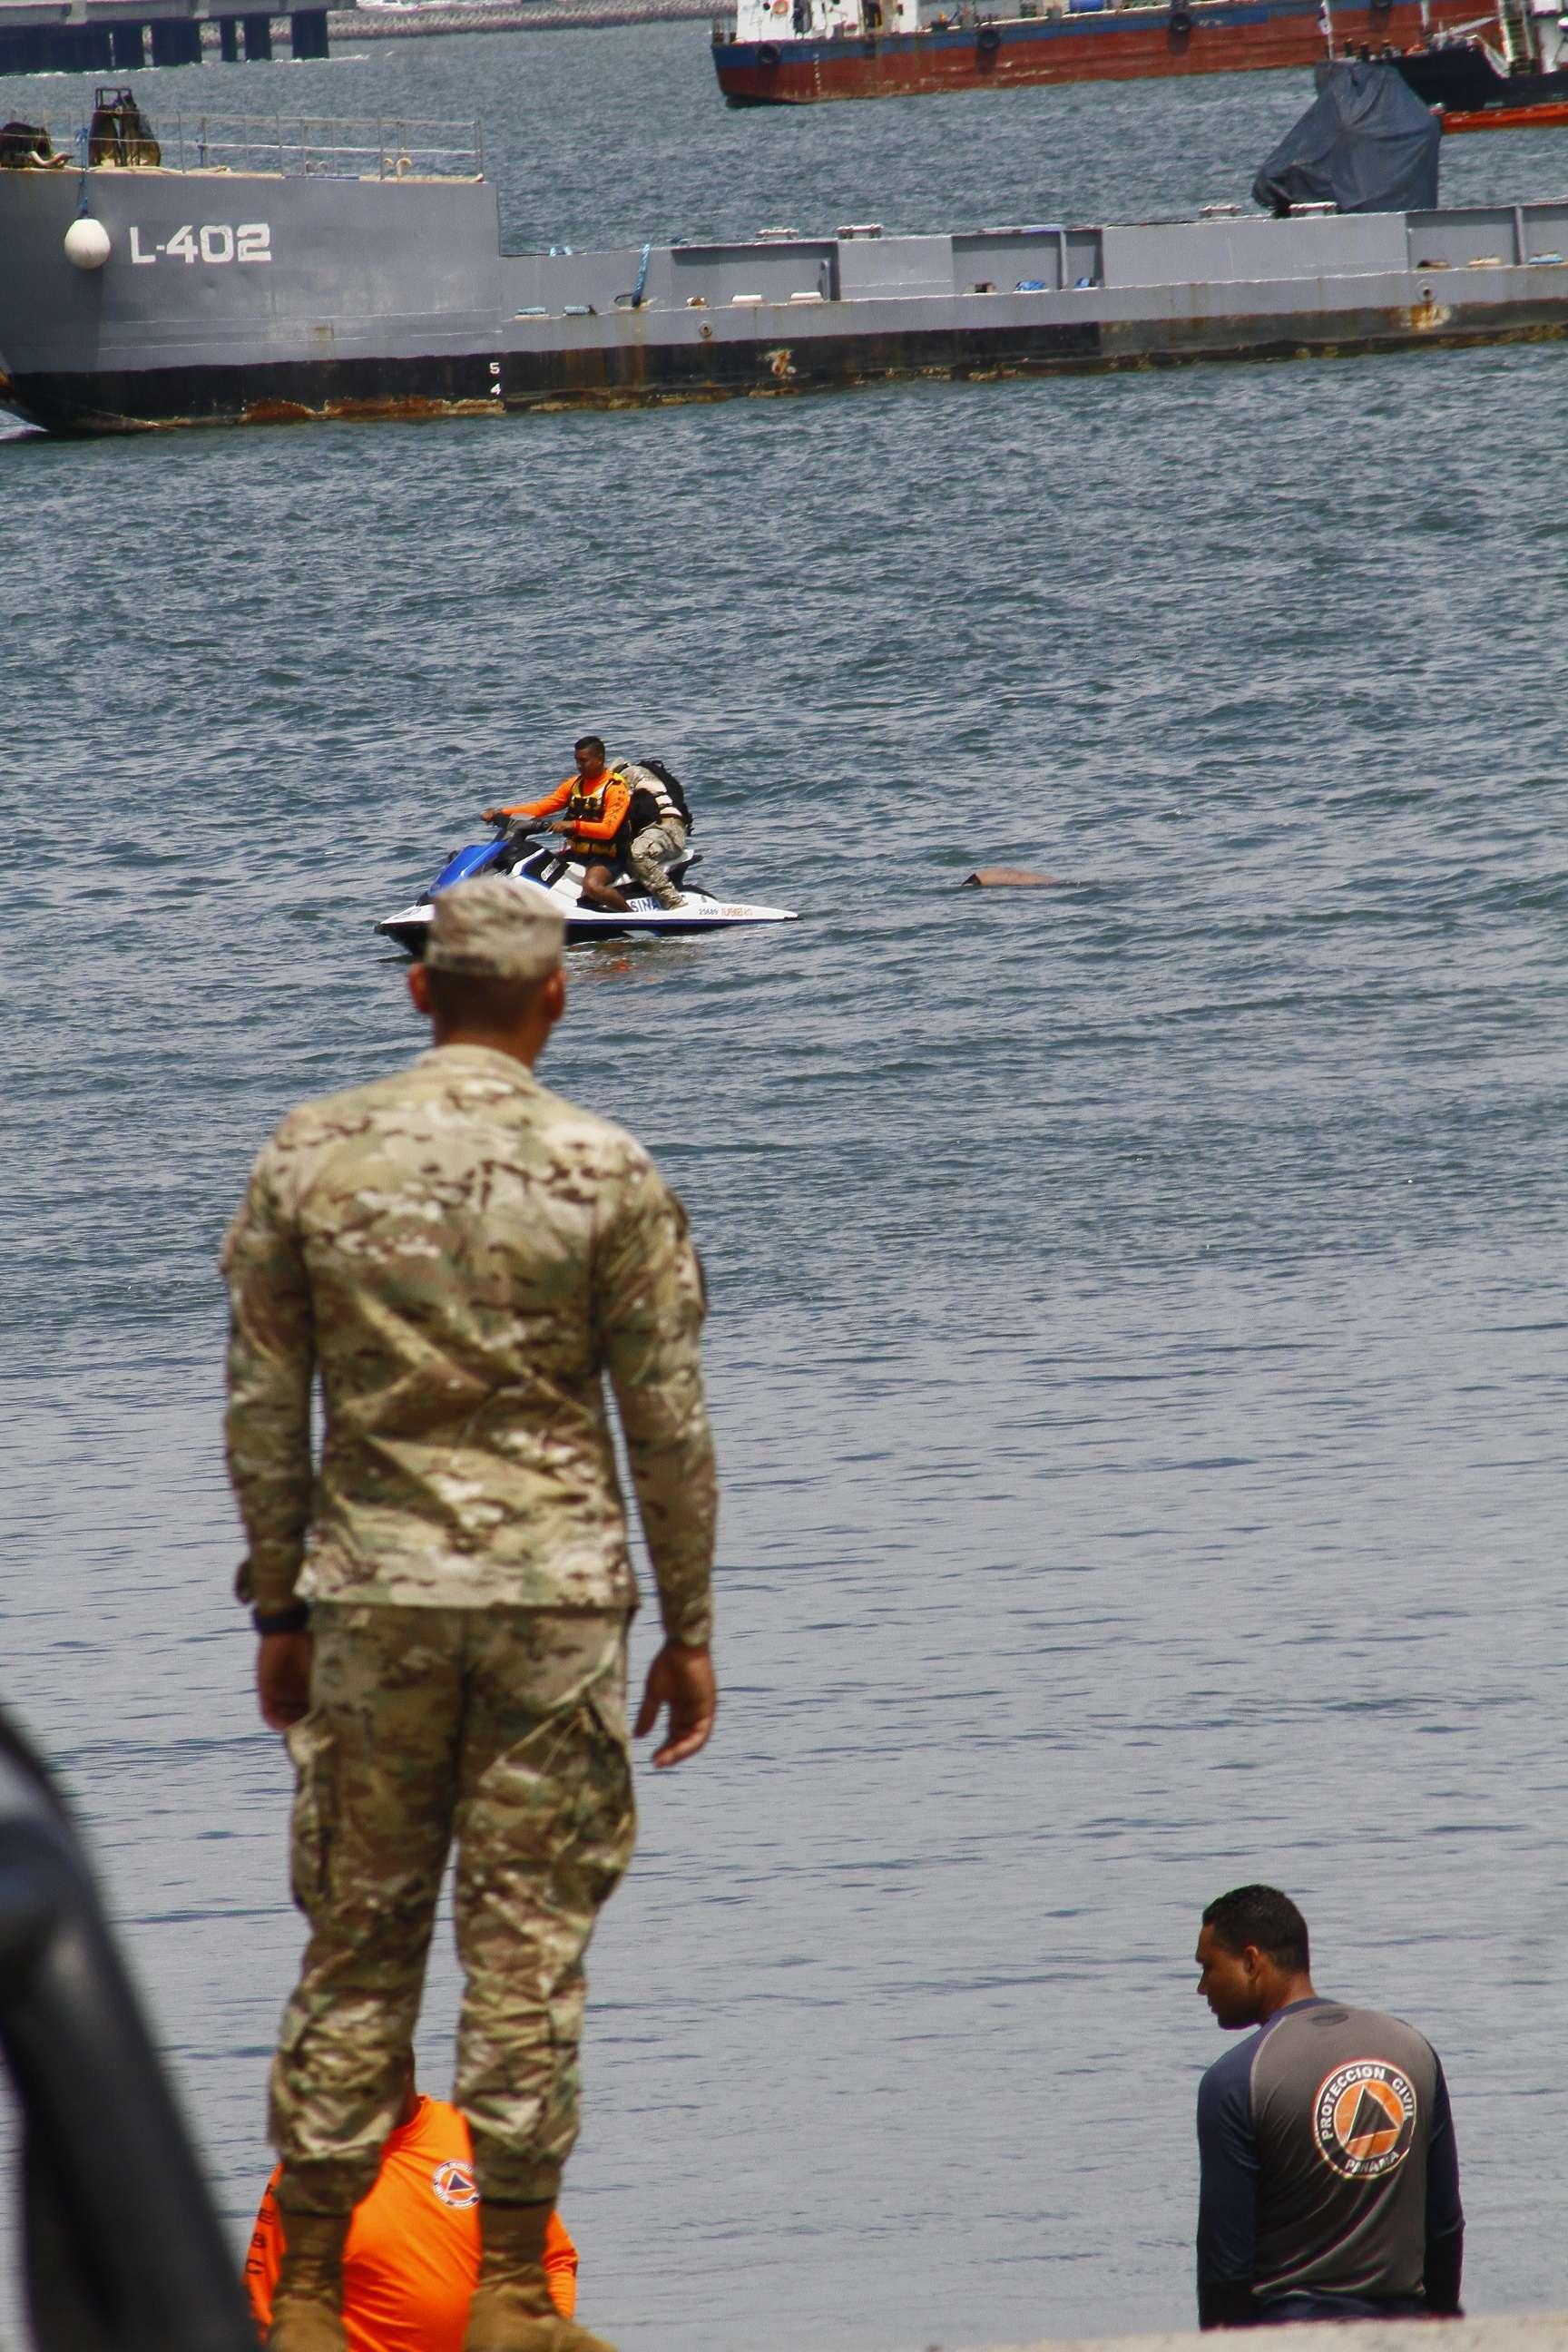 El cuerpo fue traslado hasta el muelle del astillero naval Rigoberto Castillo, ubicado en el área de Amador, para ser judicializado su levantamiento. Fue llevado a la Morgue Judicial en Ancón.